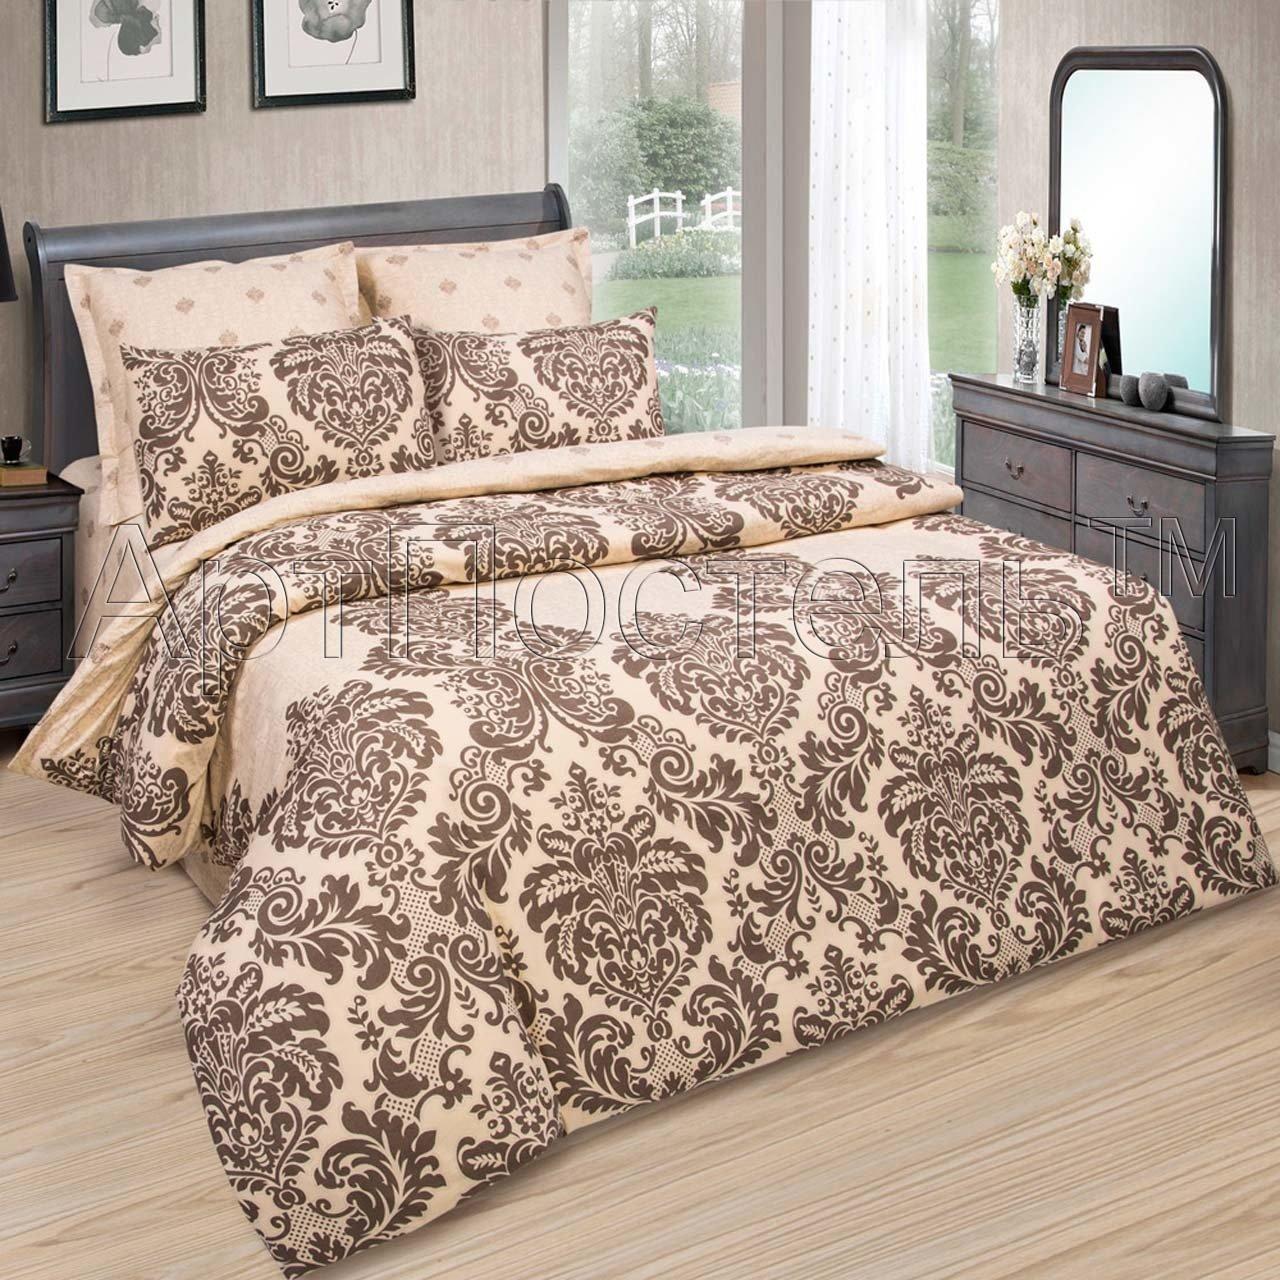 Комплект постельного белья из сатина Канары